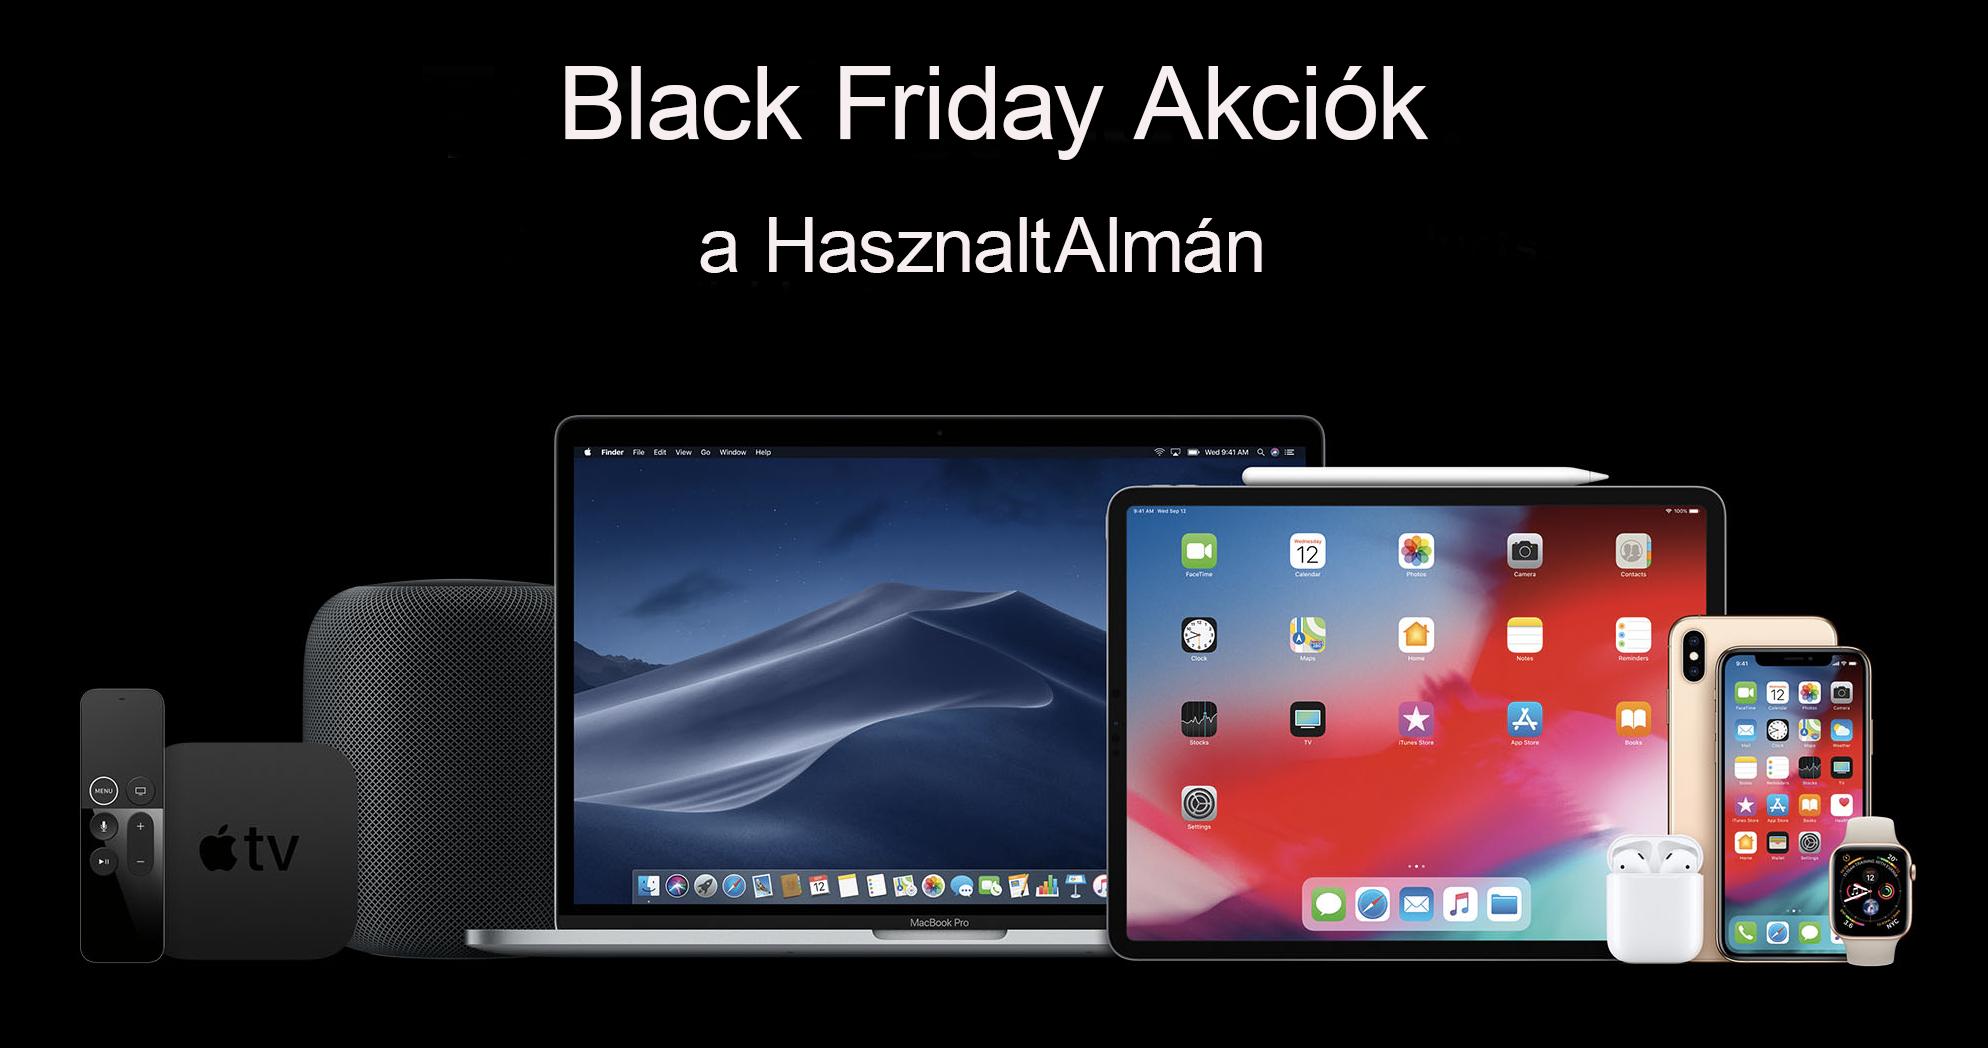 Black Friday 2019 - Fekete Péntek Akciók / iPhone /  iPad  / Mac / Vásár a HasználtAlmán